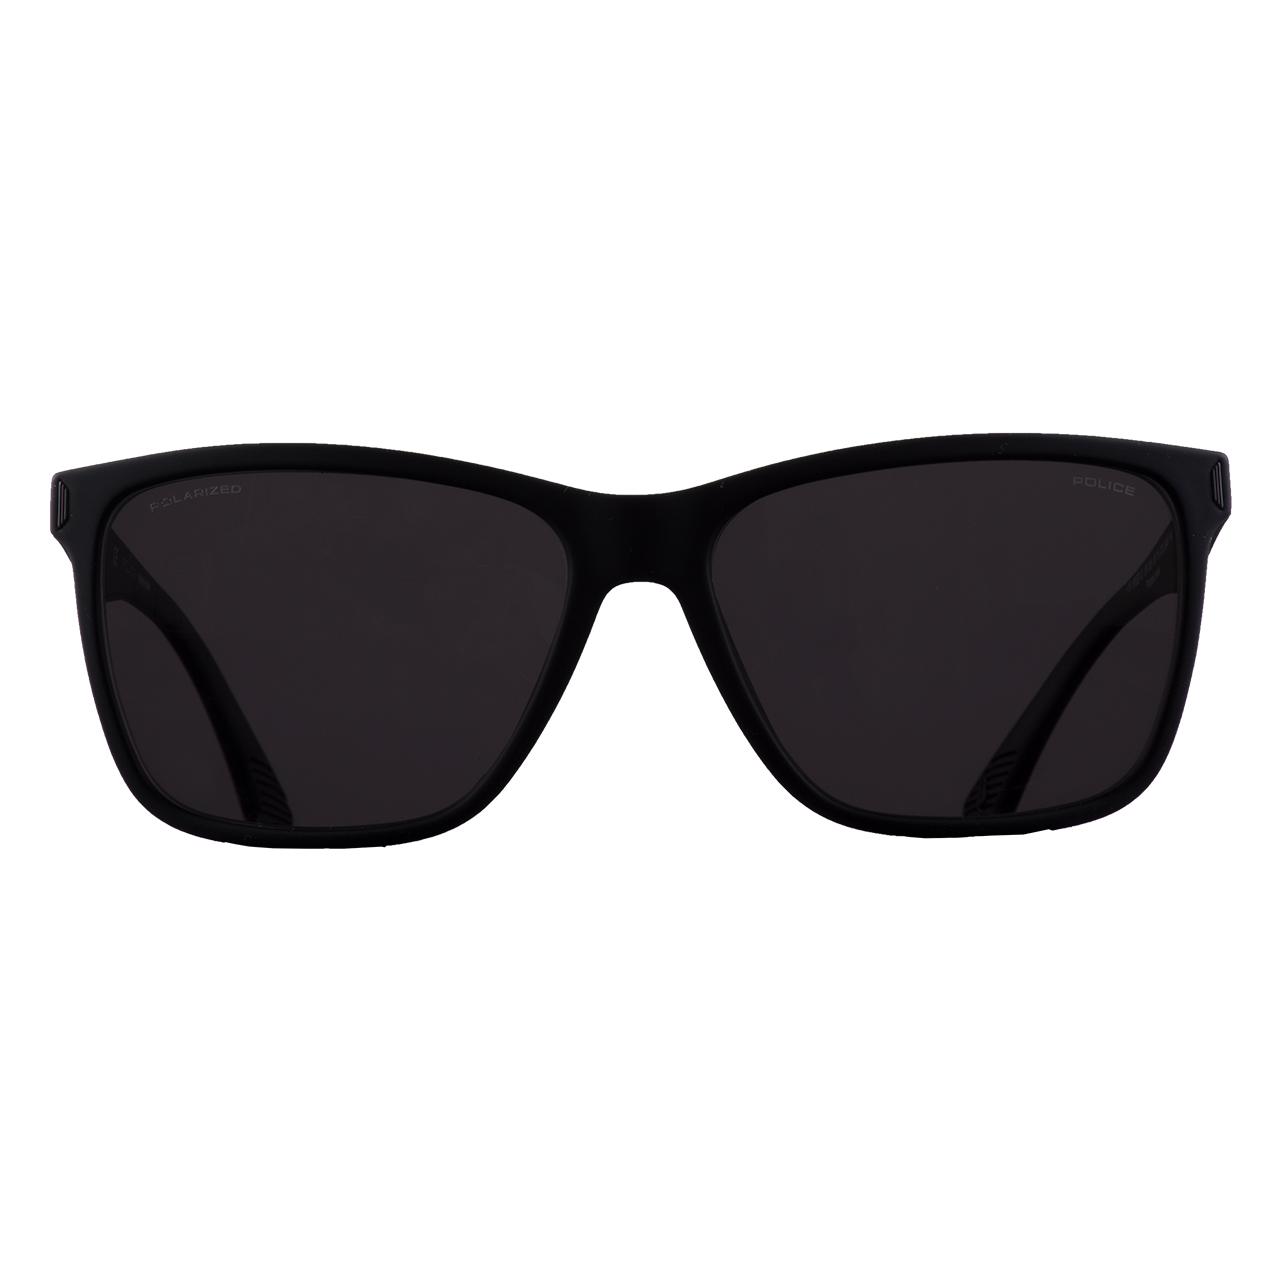 قیمت عینک آفتابی پلیس مدل SPEED 10 SPL529 COL 6AAP